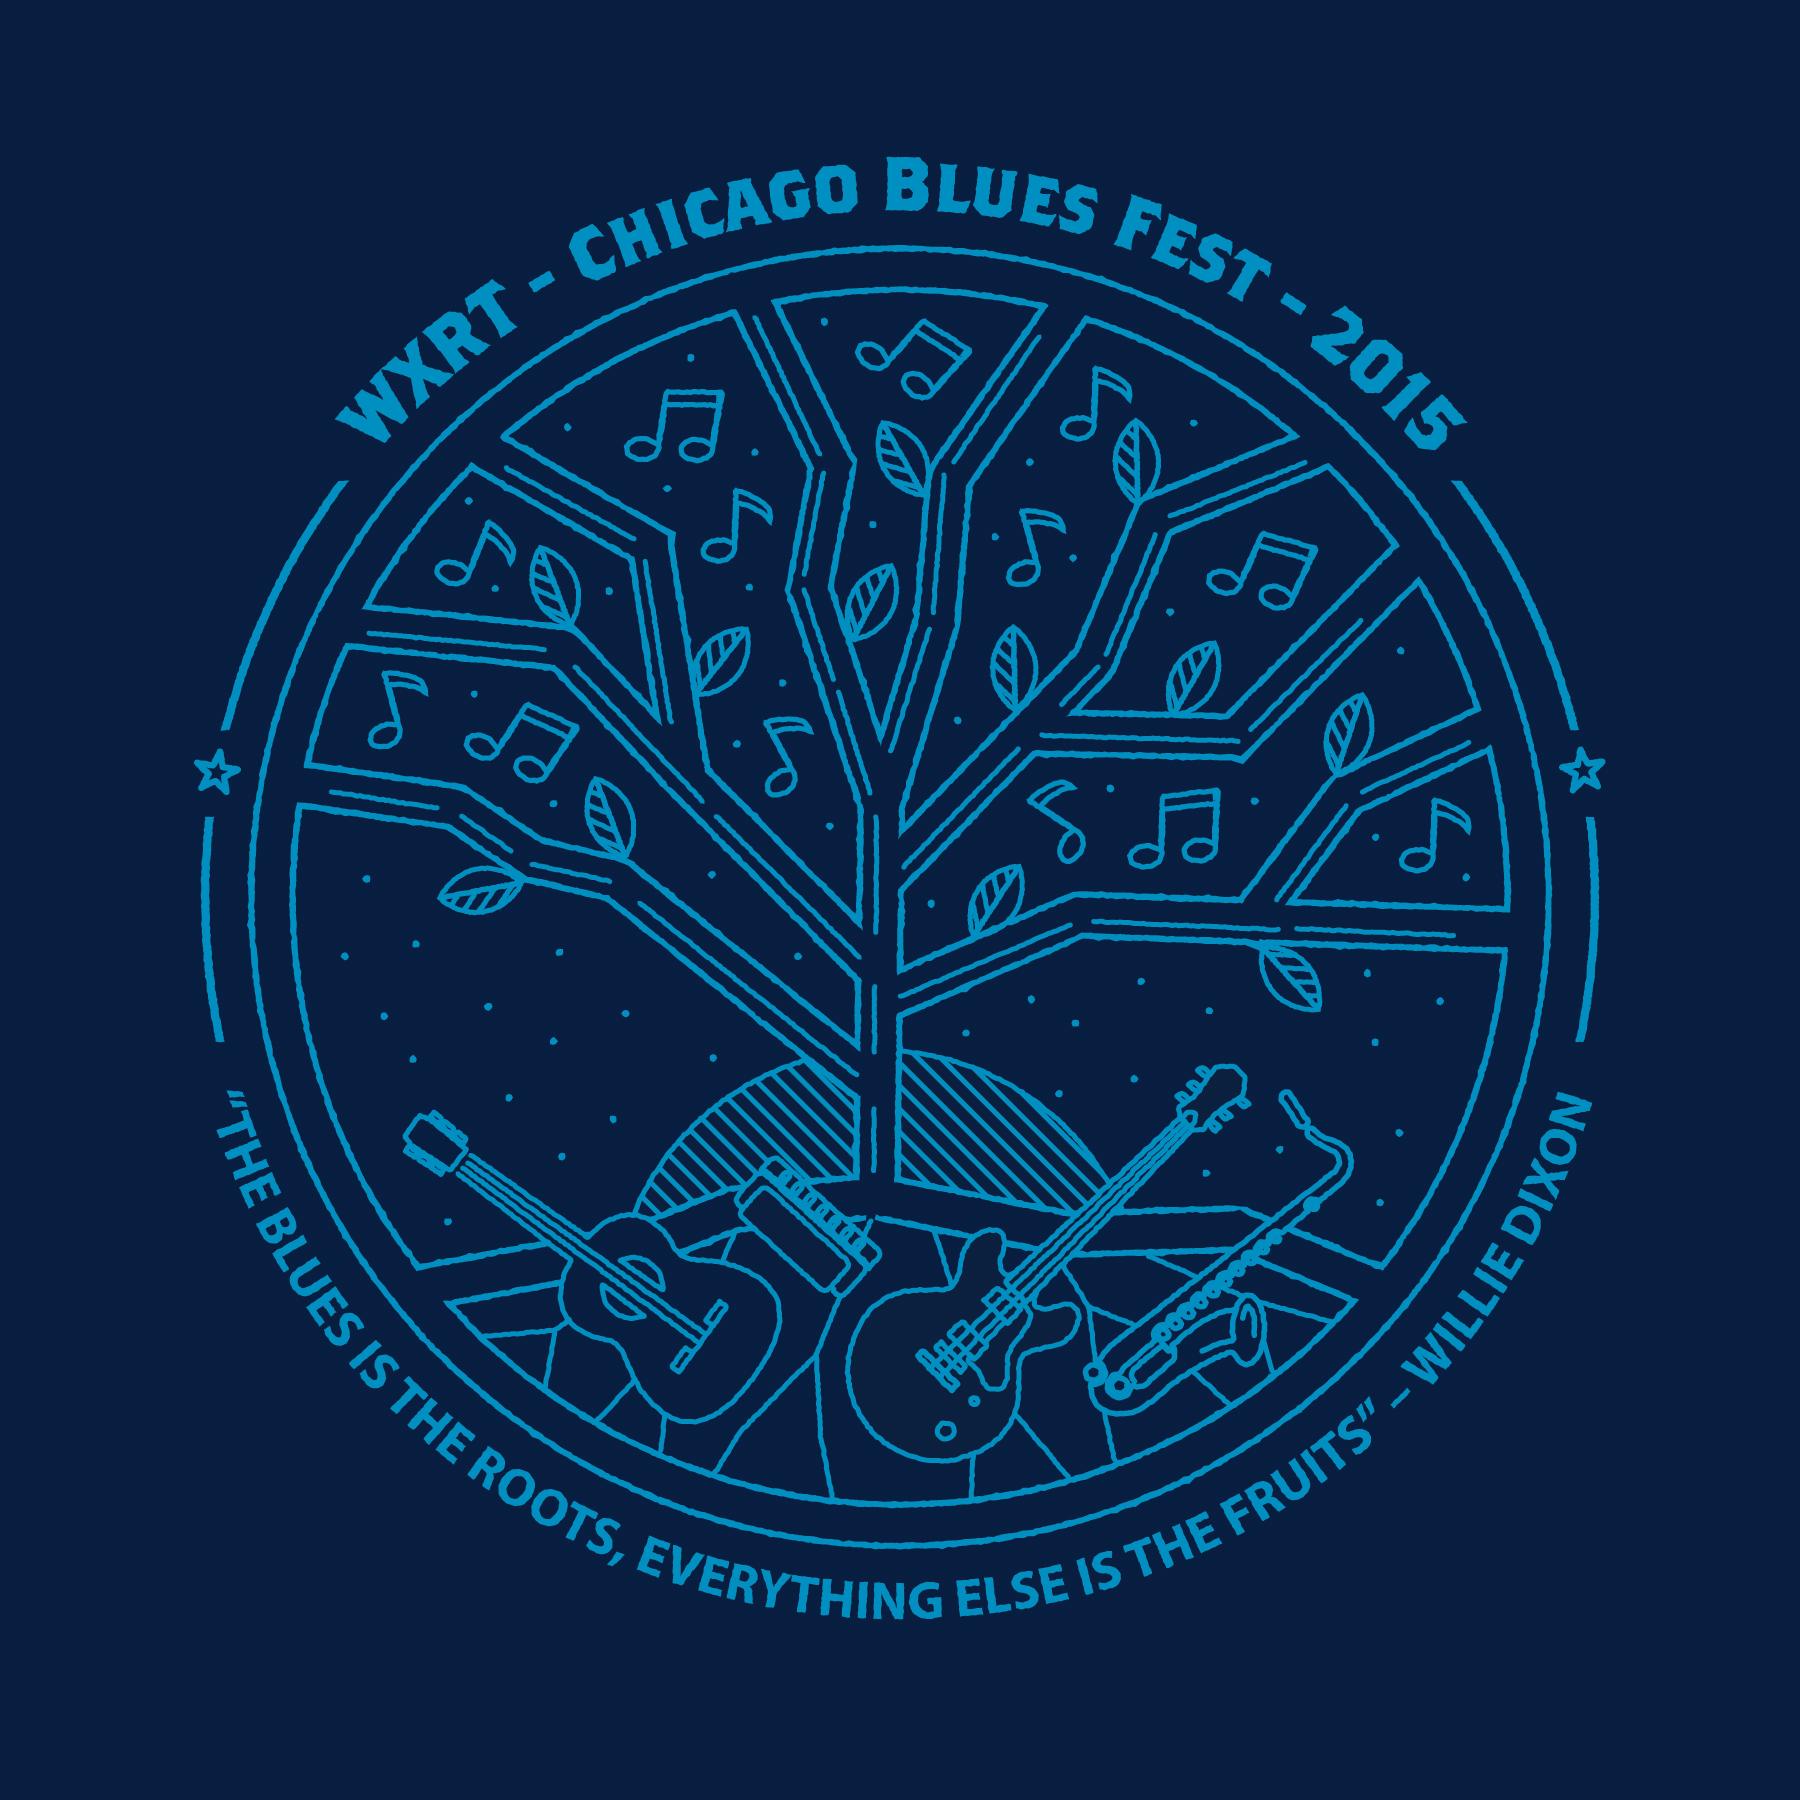 Chicago_Blues_Festival_T-shirt_2015-01.jpg